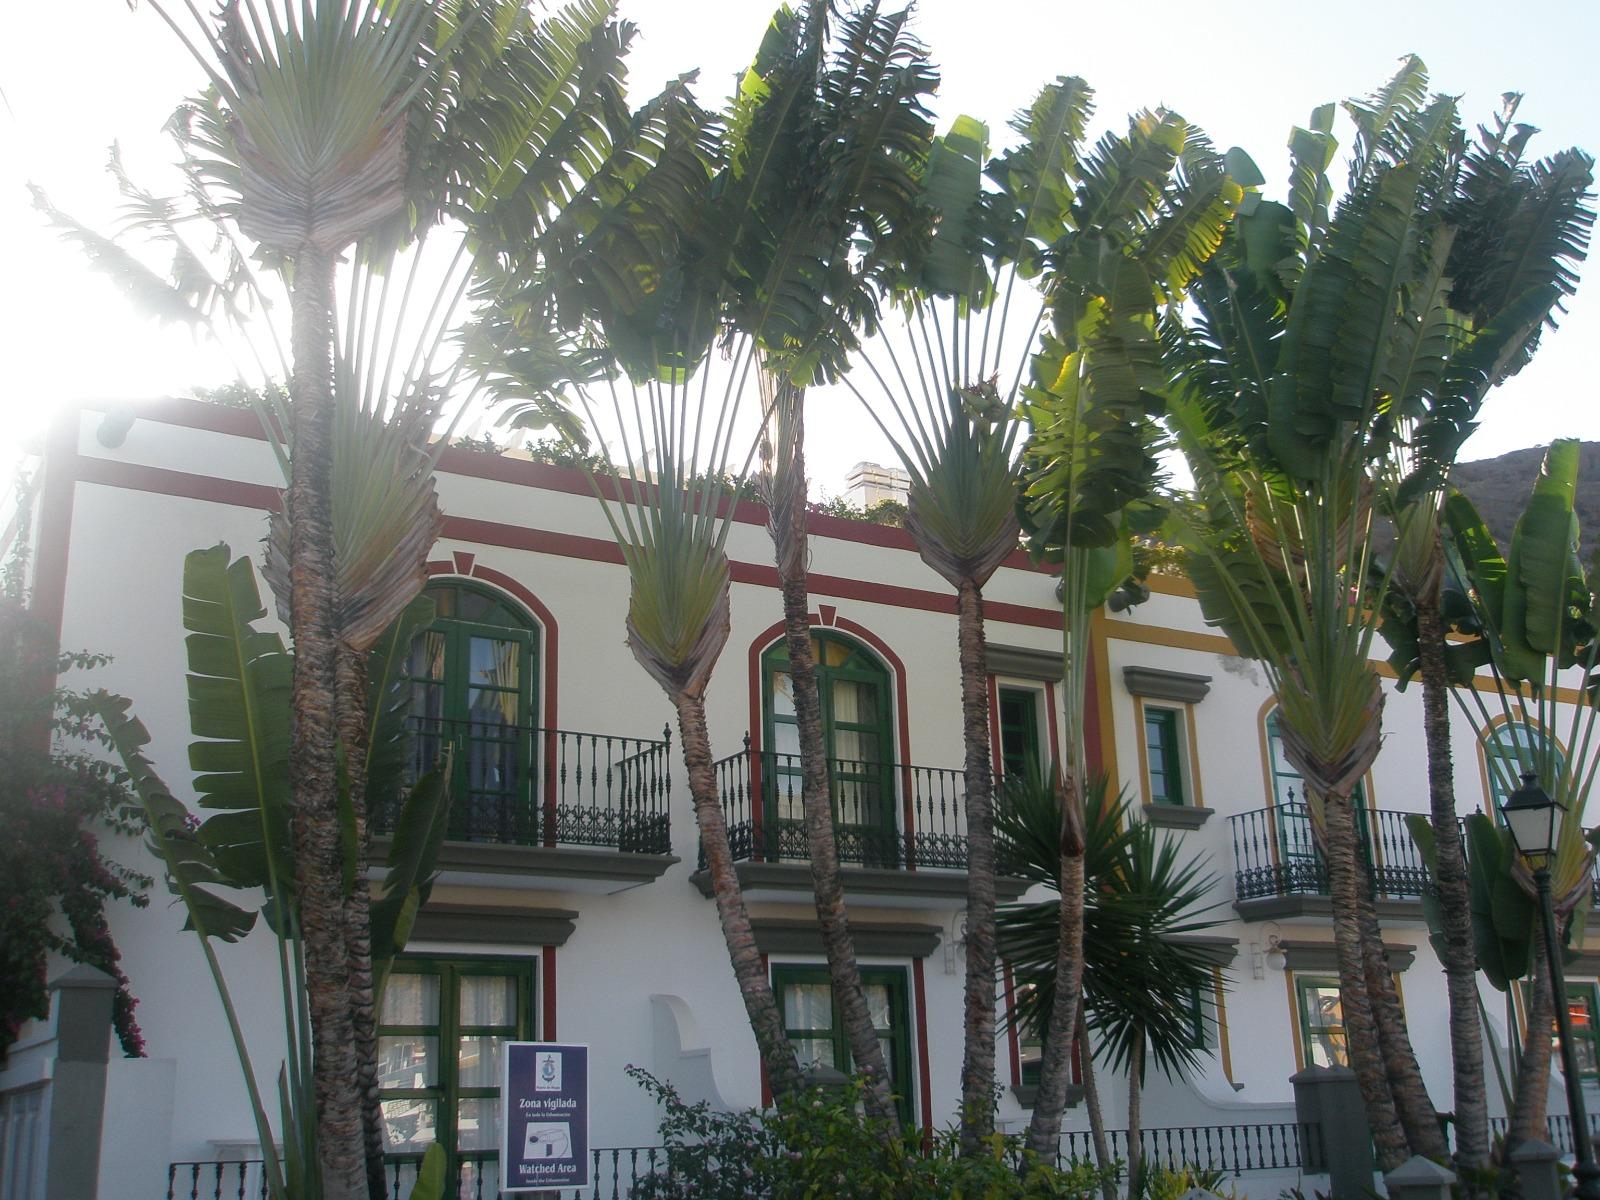 casa - palmeras - balcones - ventanas - calle